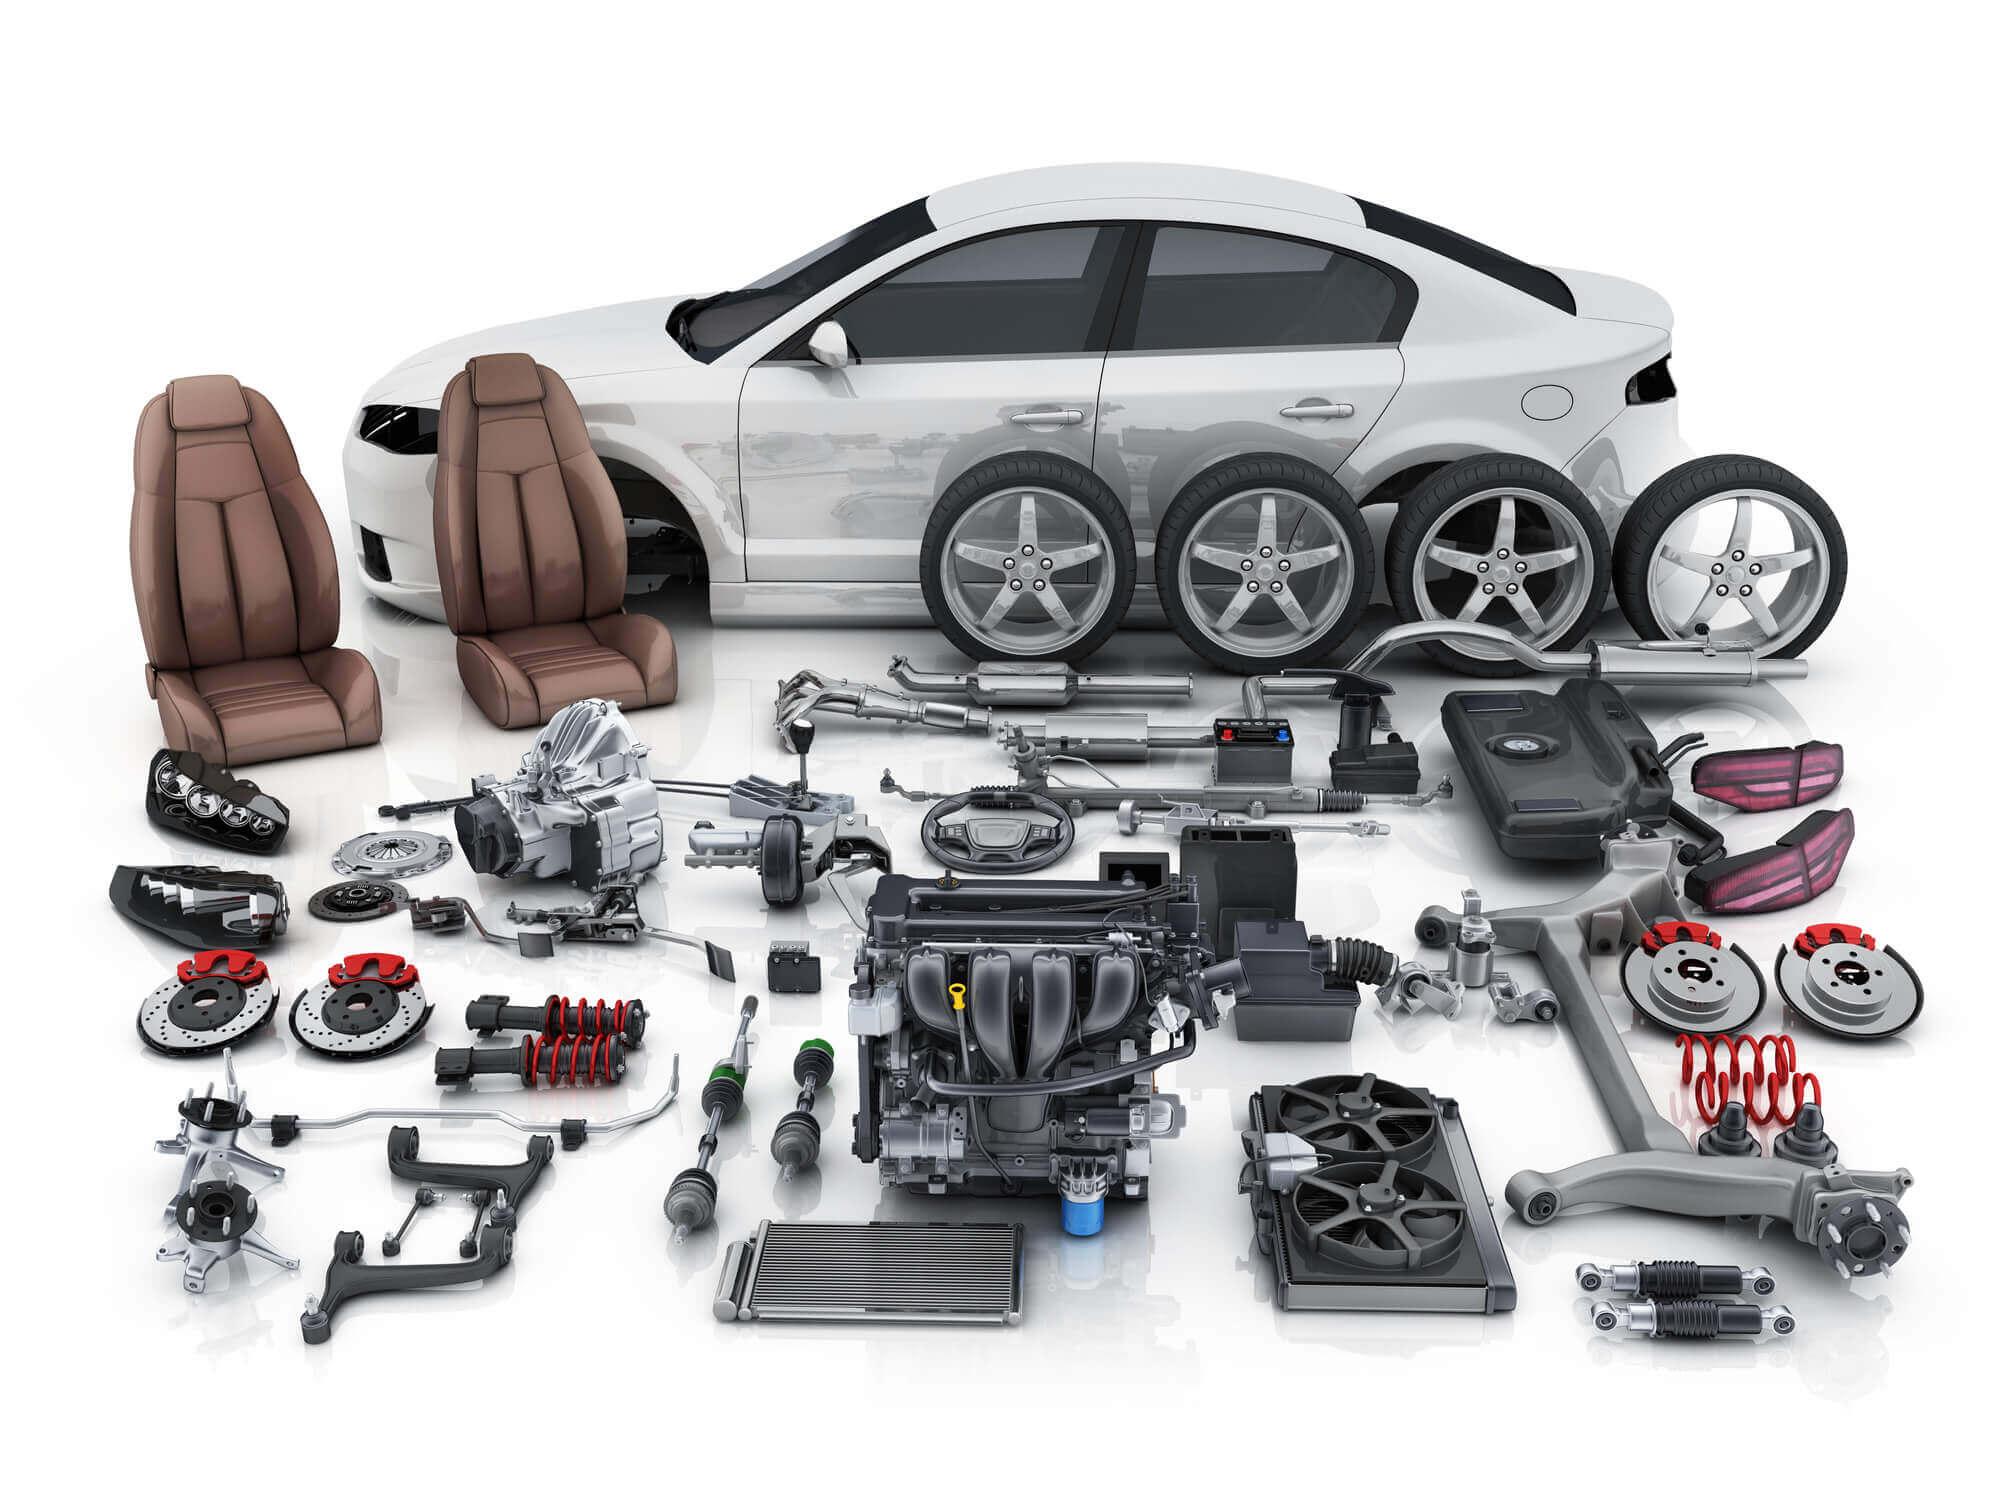 Auto parts stores & services